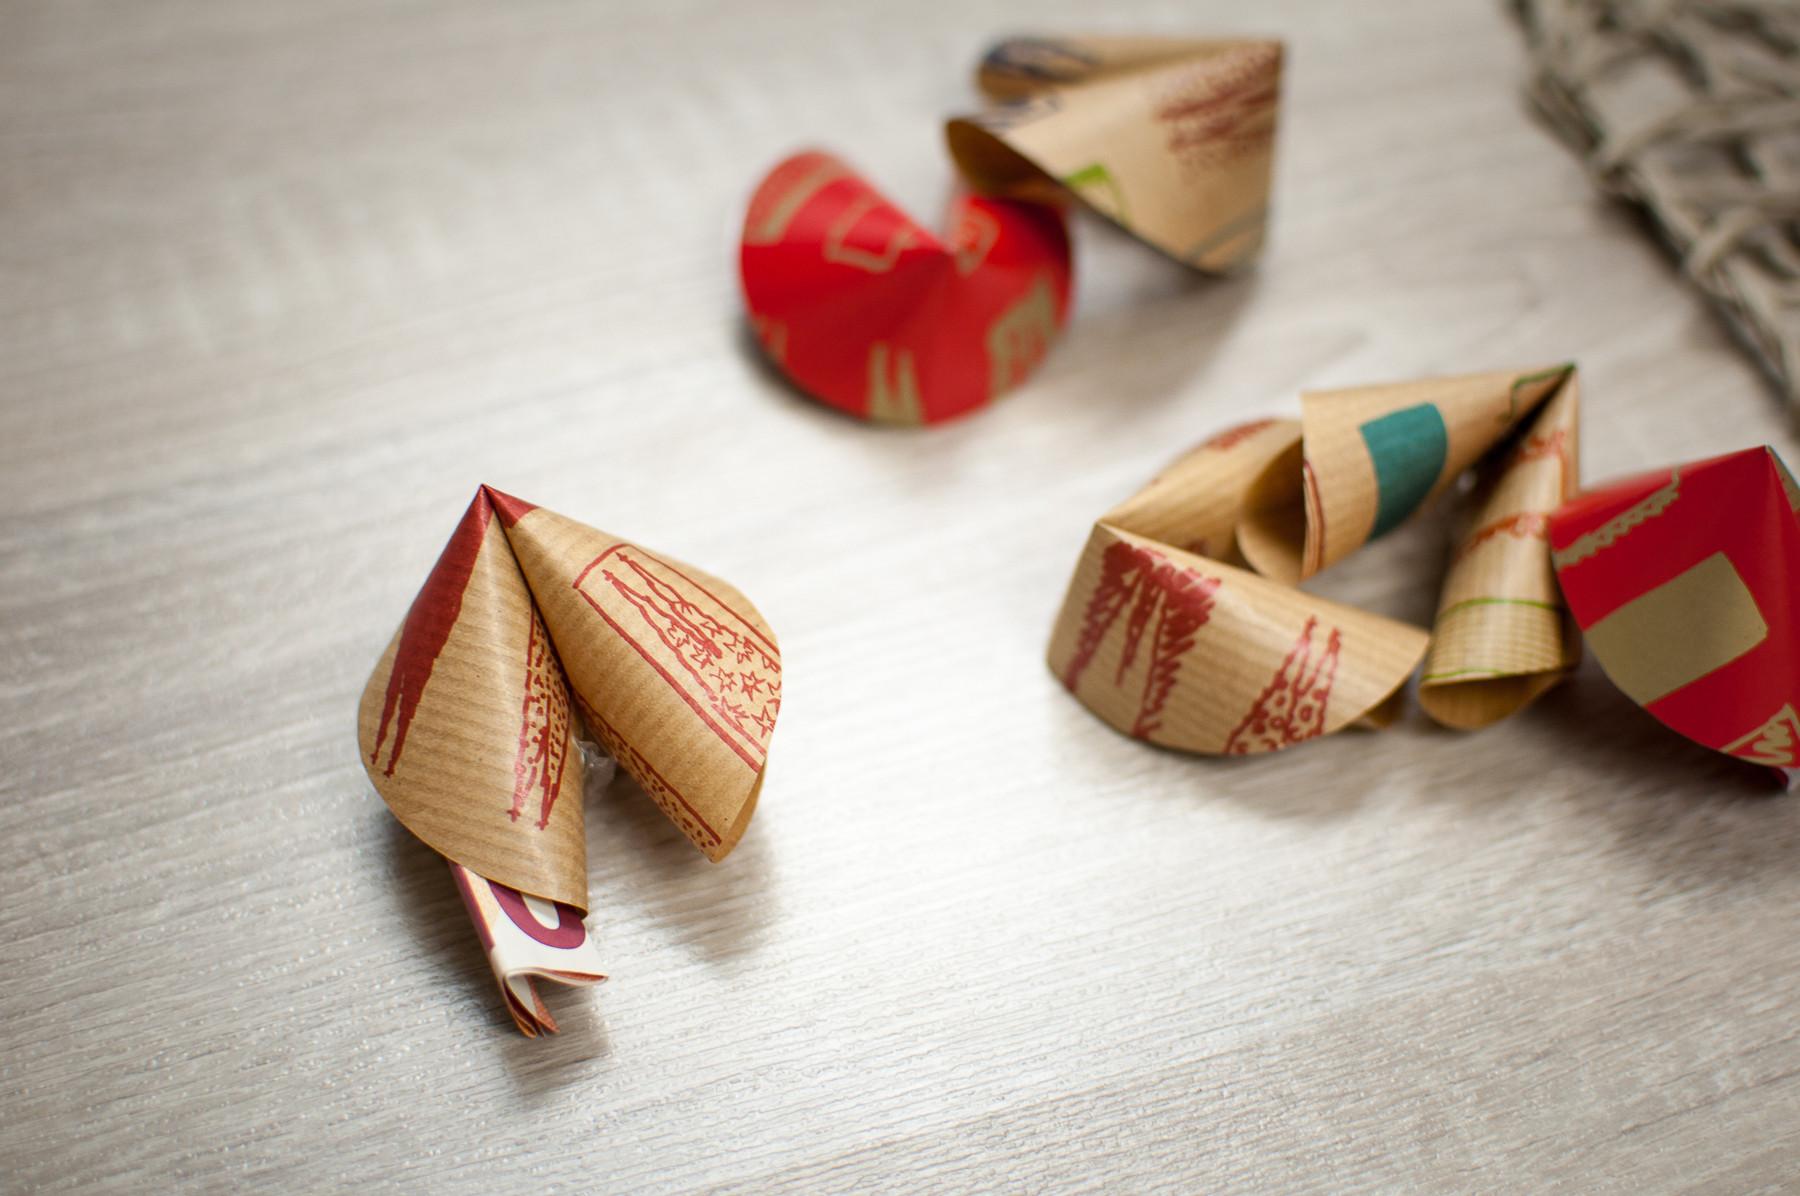 Geld Zur Hochzeit Verpacken  Geldgeschenke zur Hochzeit verpacken